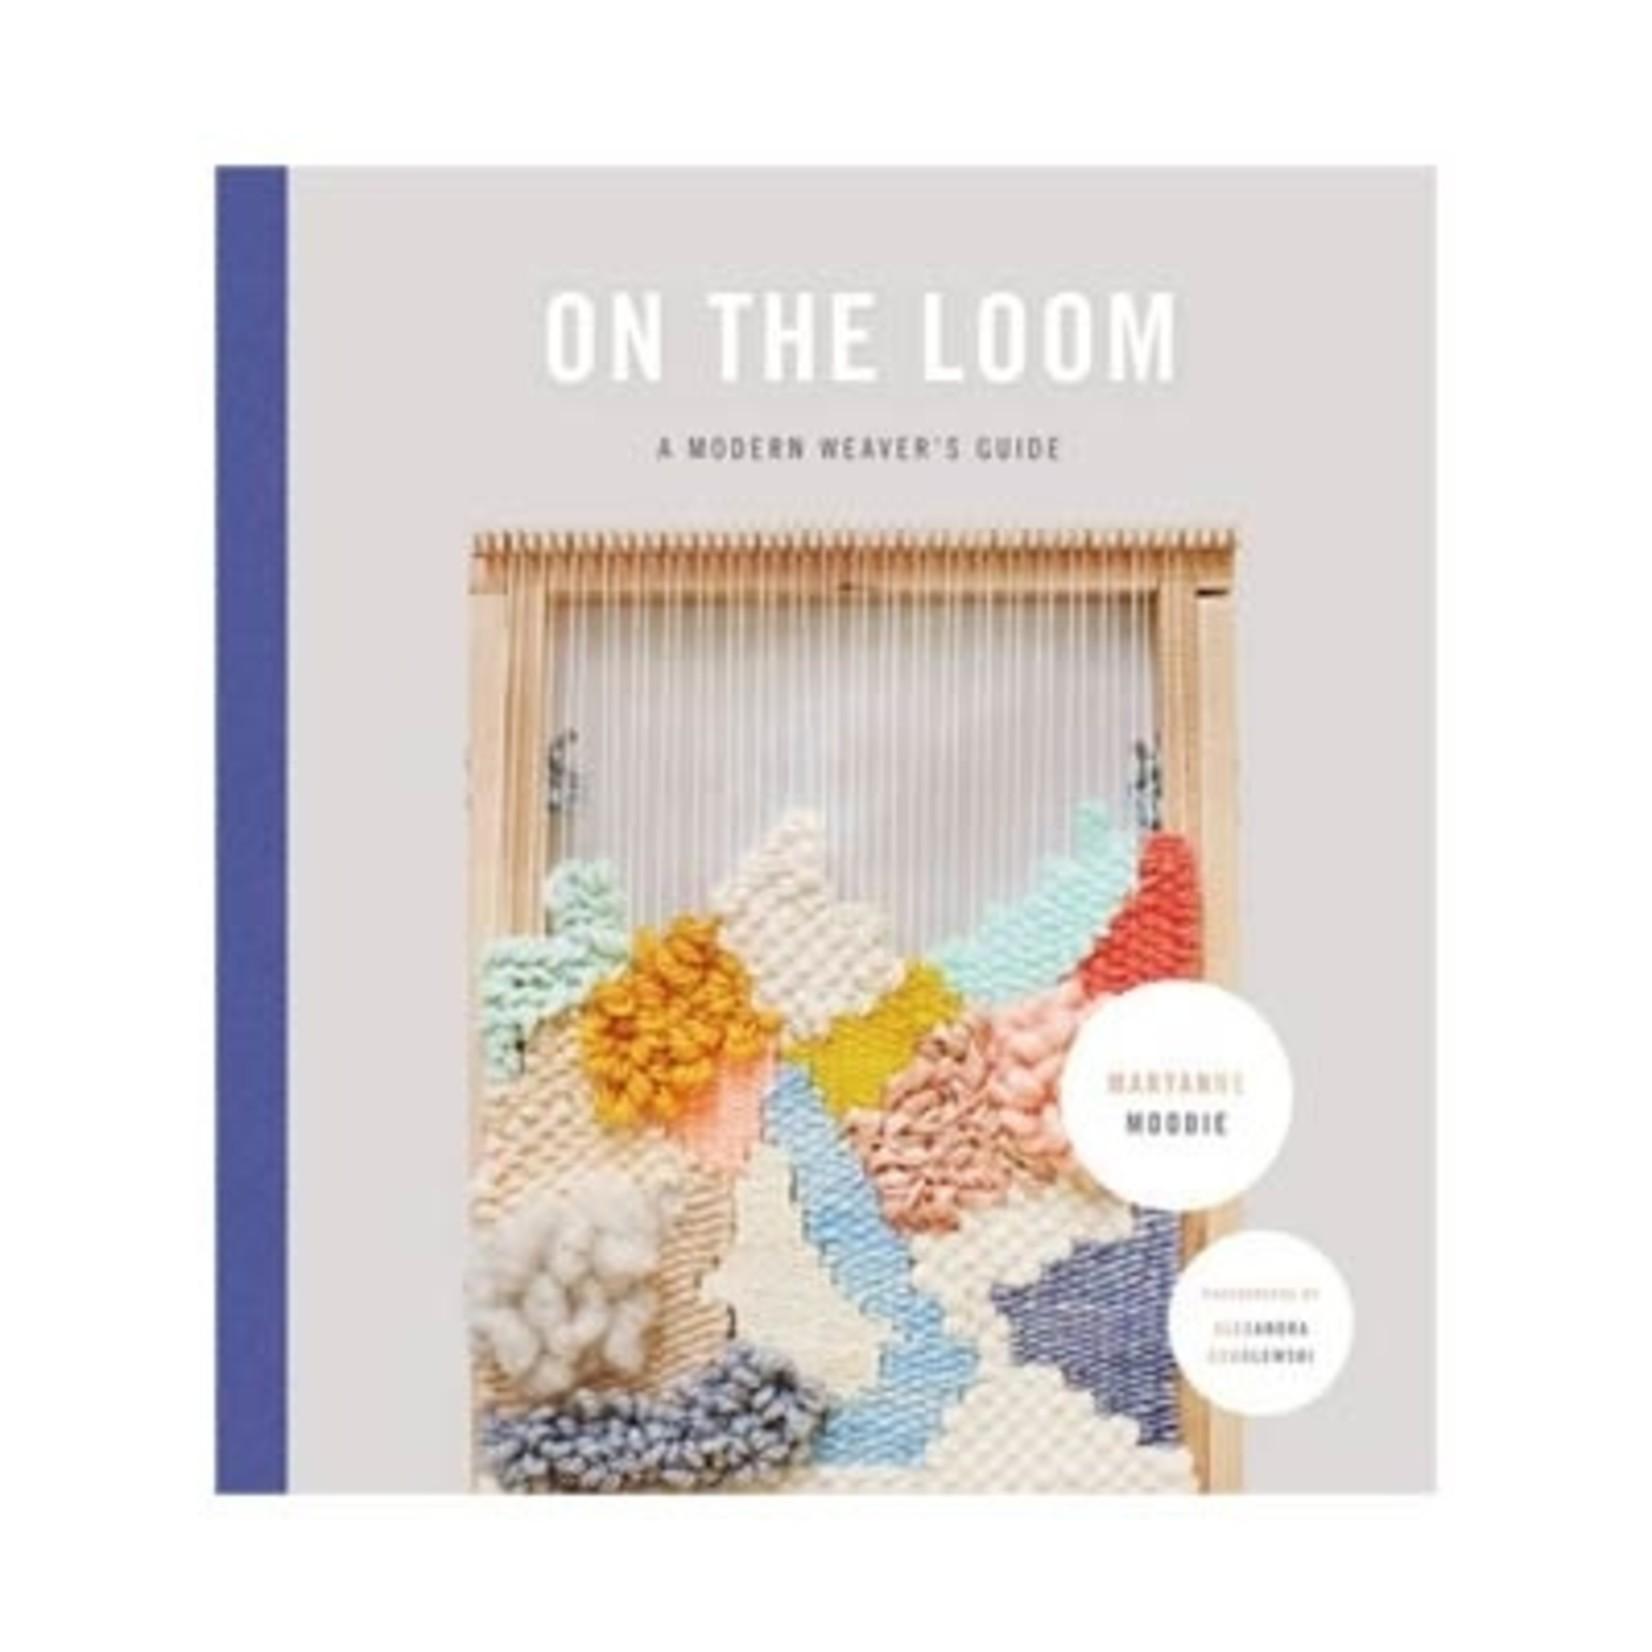 On the Loom - Maryanne Moodie - Weaver's Guide